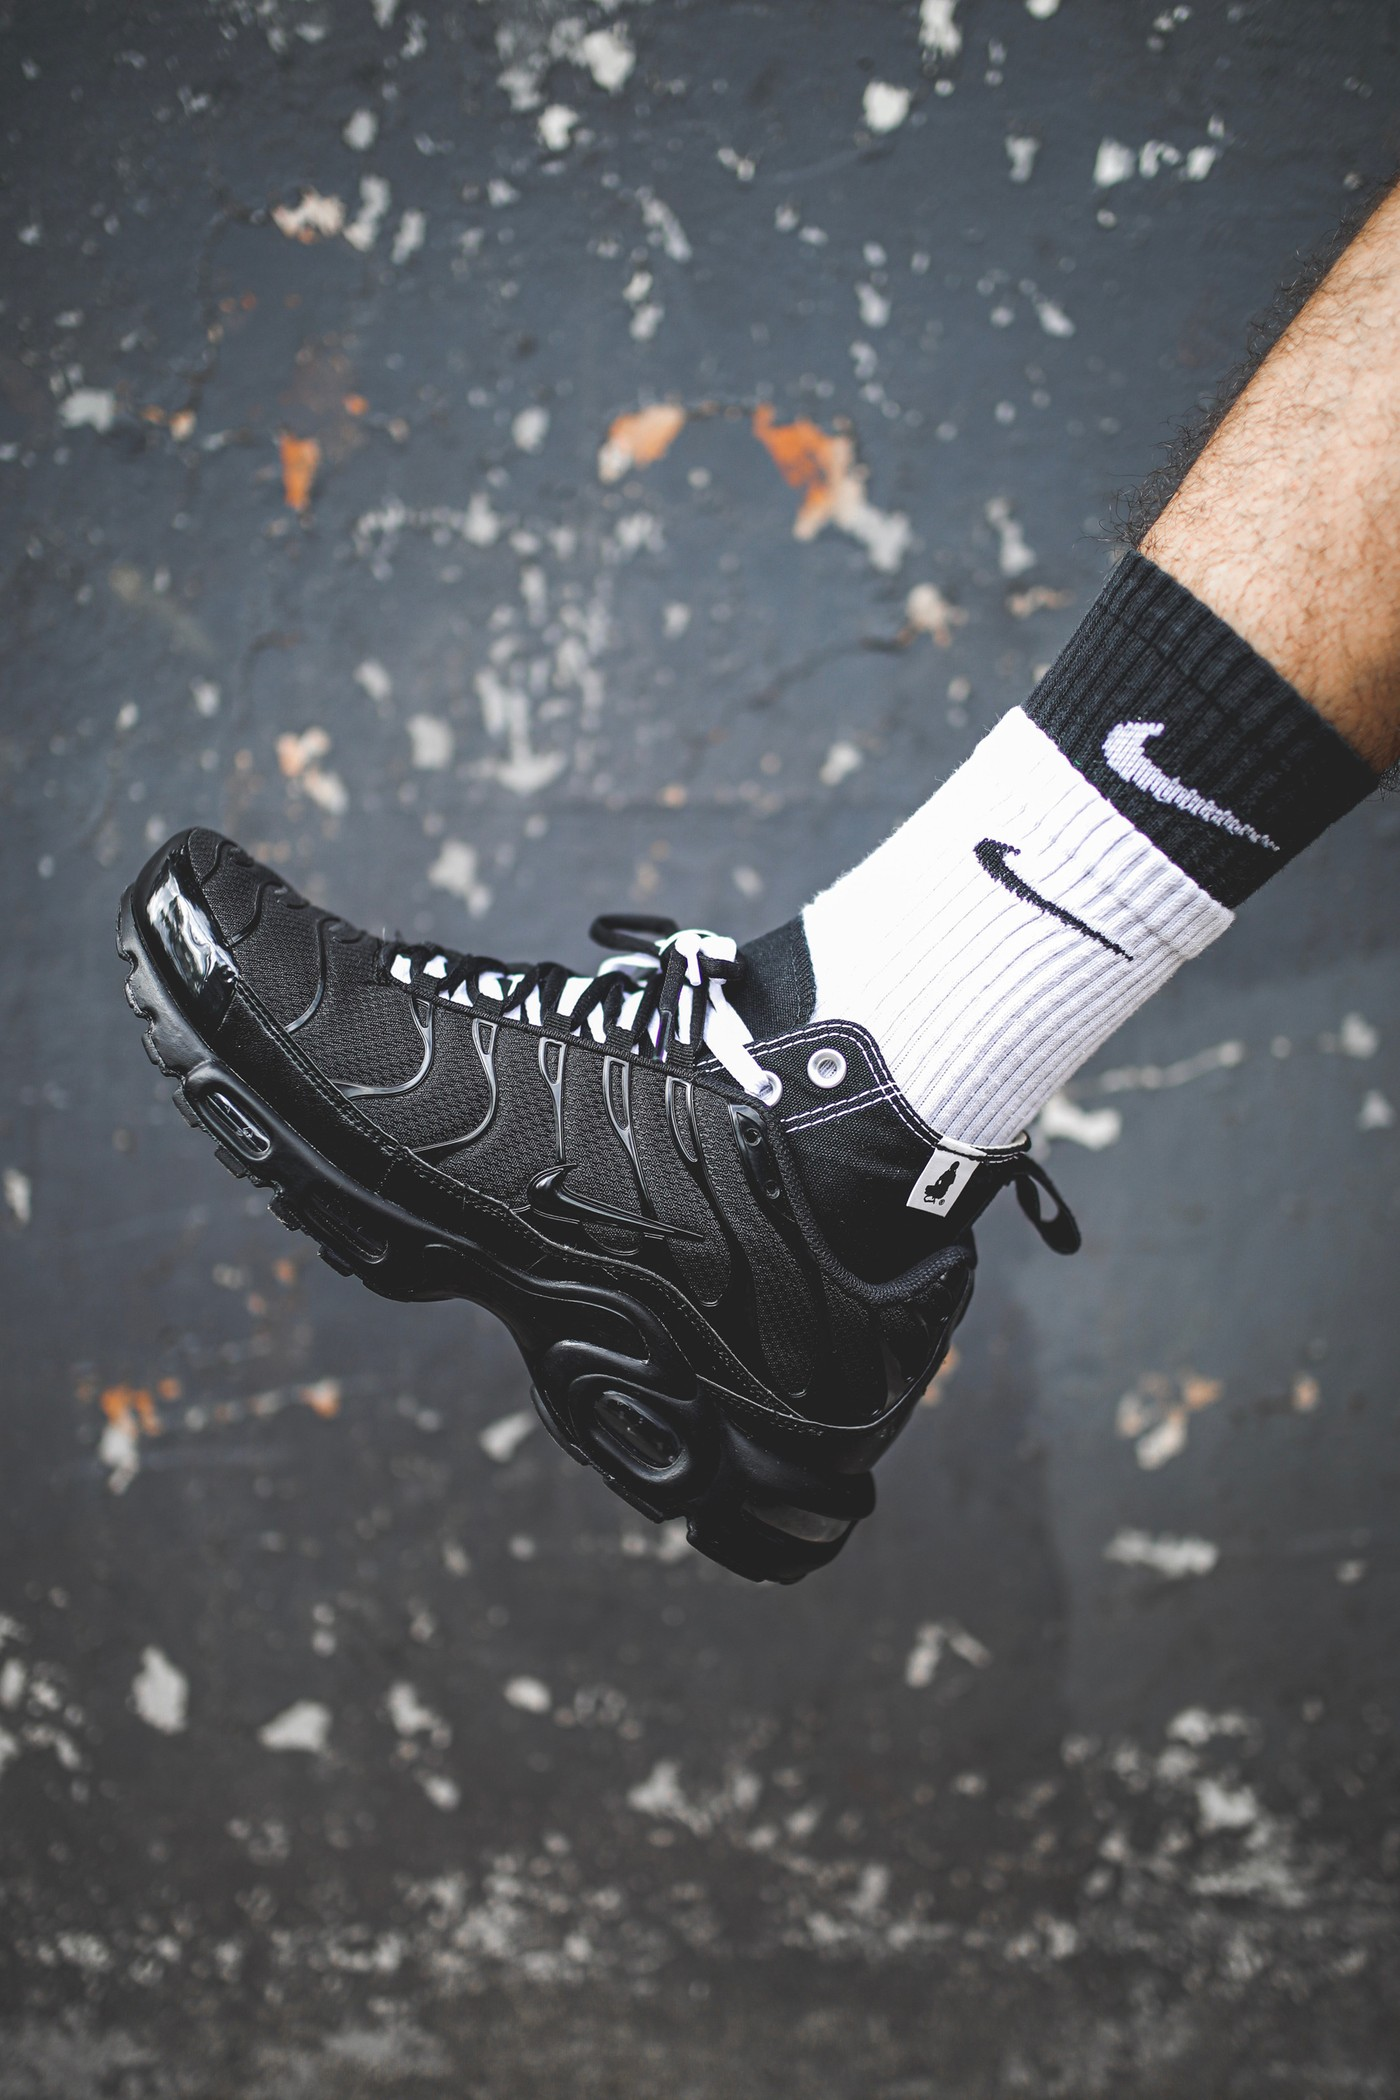 独家近赏 Nike Air Max Tn 与 Converse Chuck Taylor 混血订制鞋款